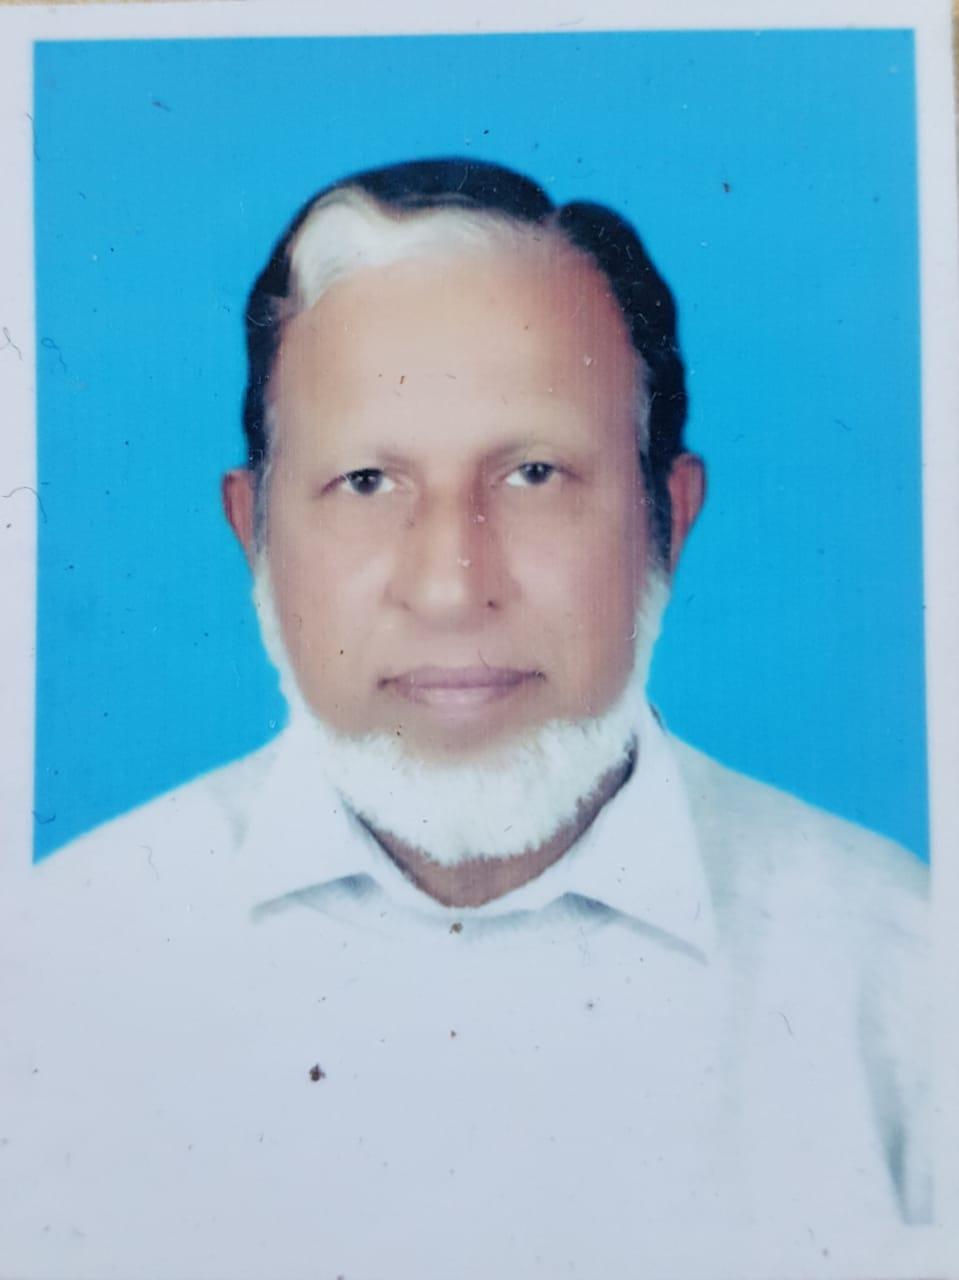 AHMAD SHAMIM